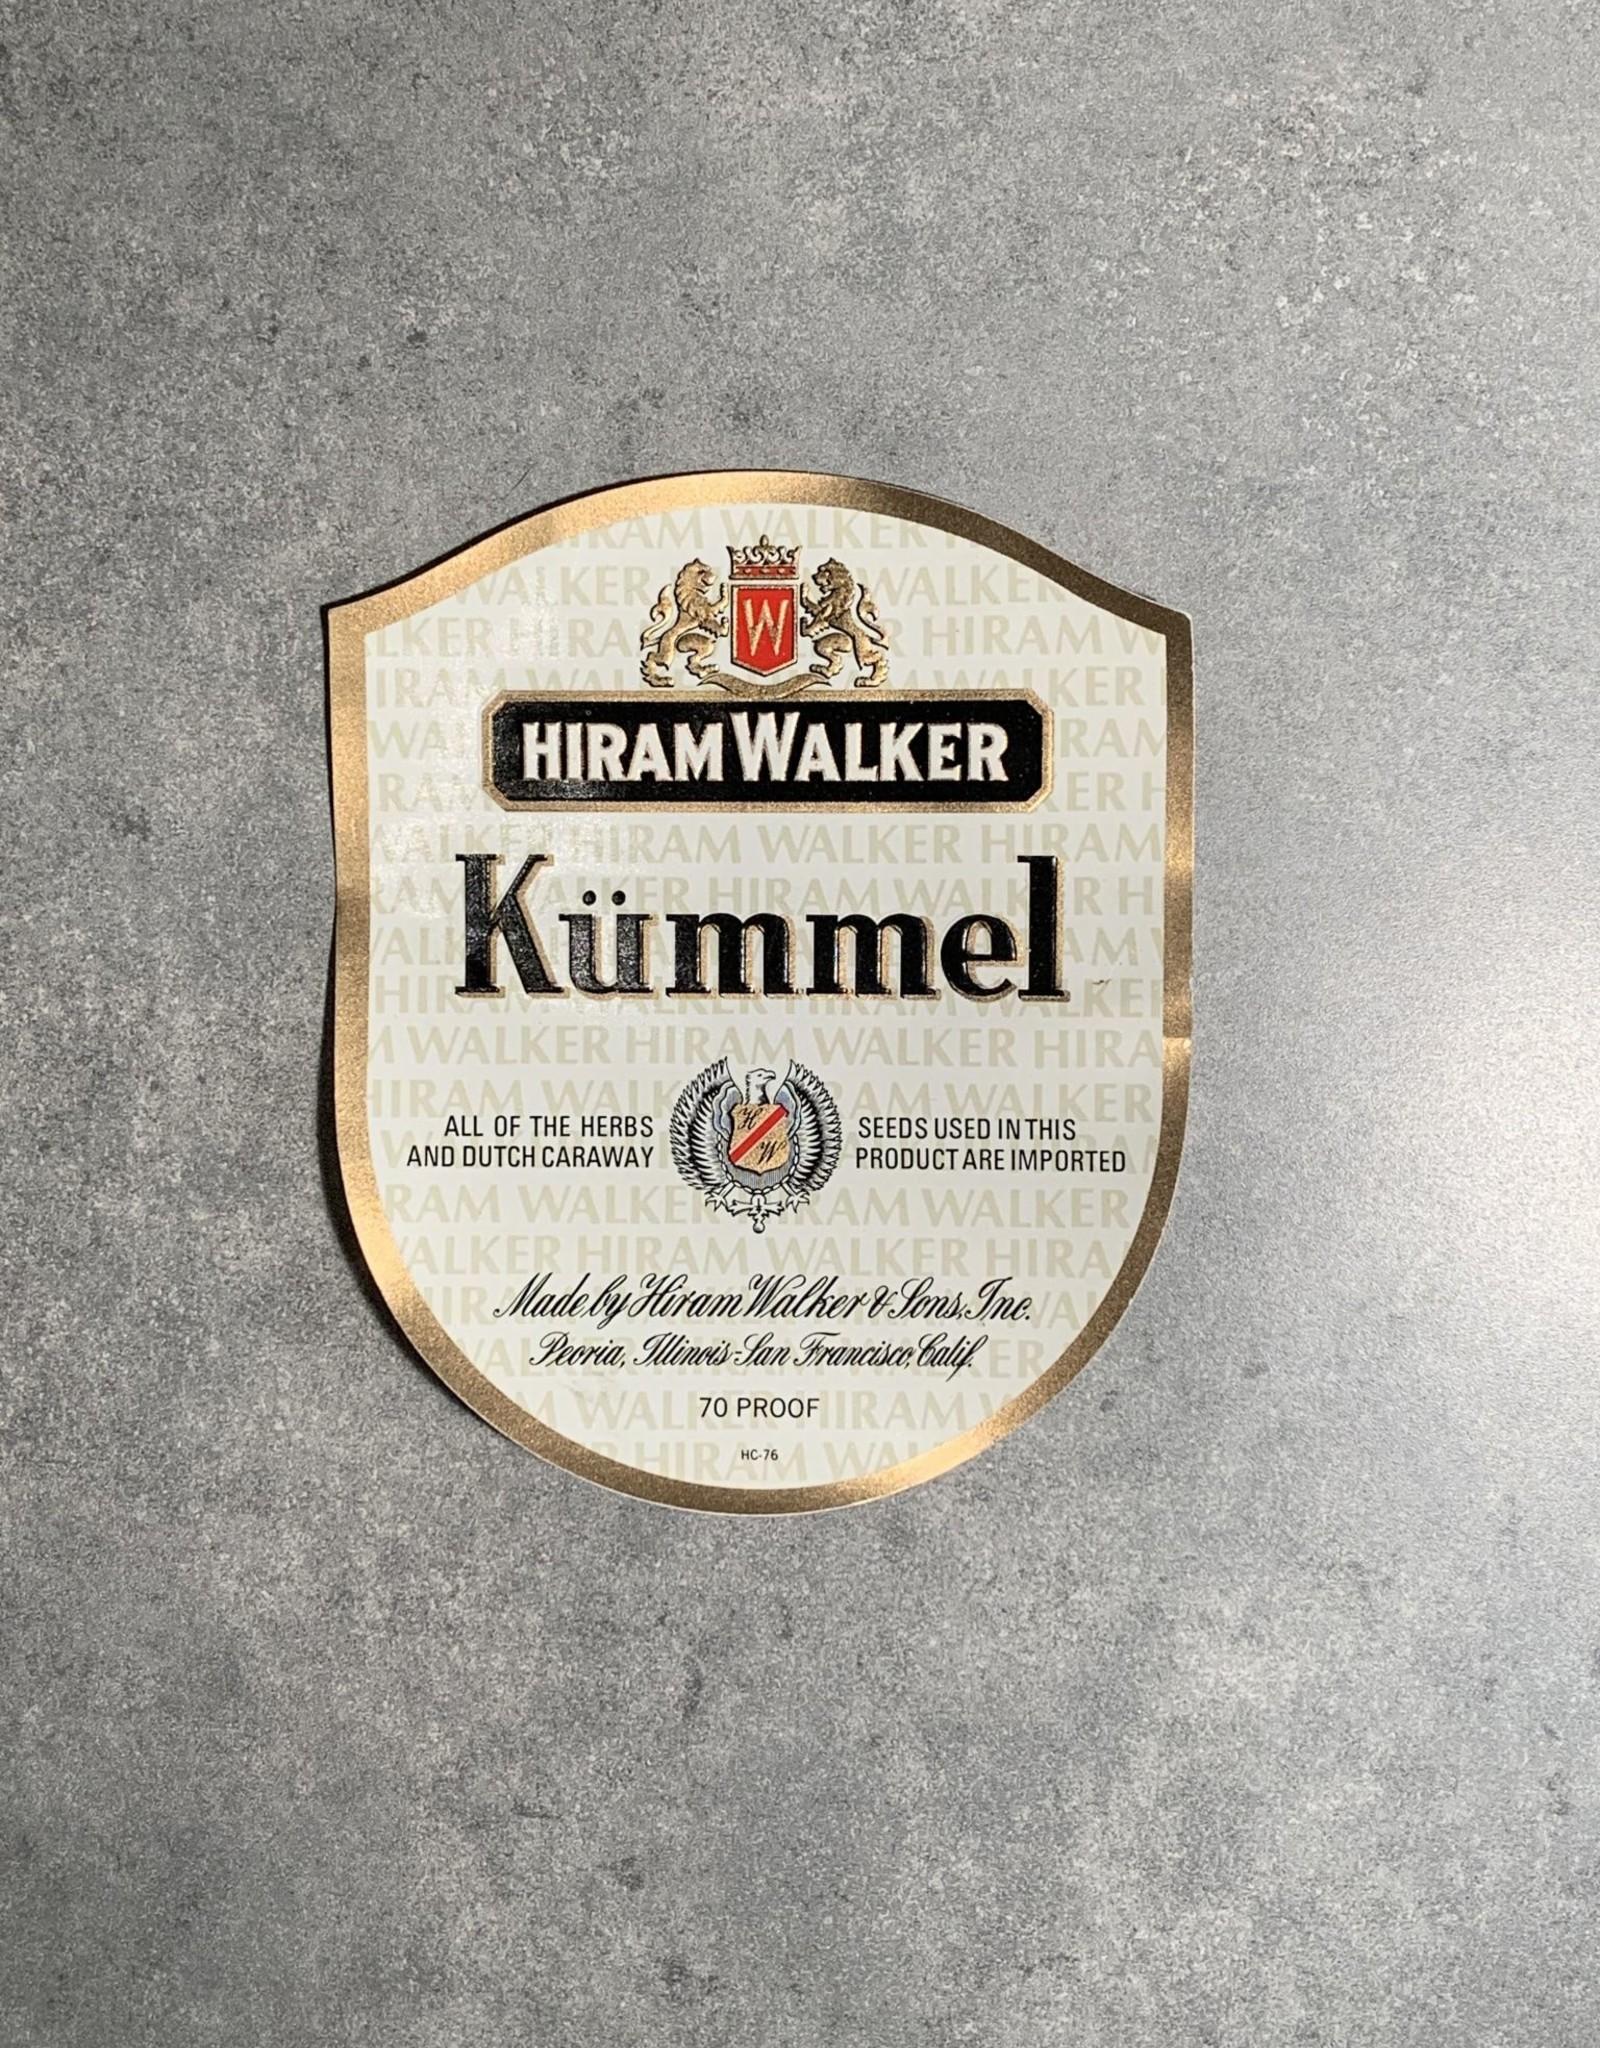 UA Merch Hiram Walker & Sons Peoria Il. Kummel Label